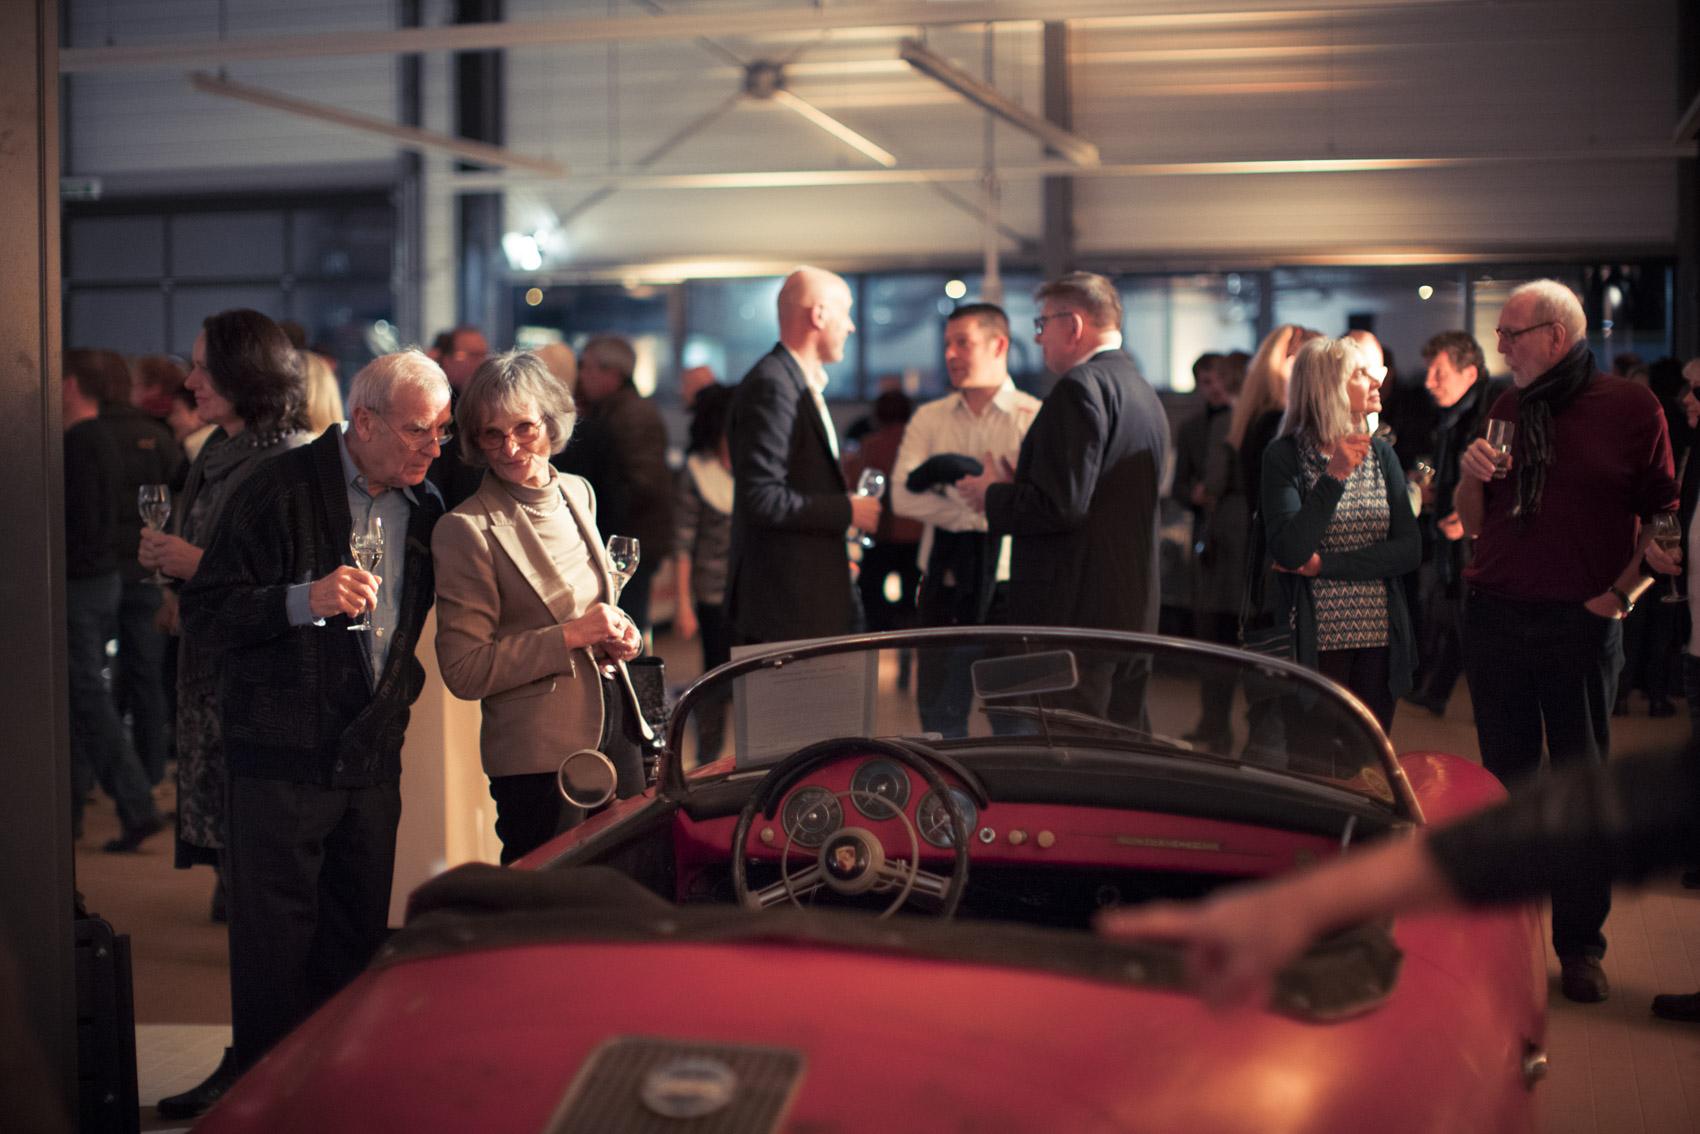 Referenzen Eventfotografie: Kundenveranstaltung bei Porsche